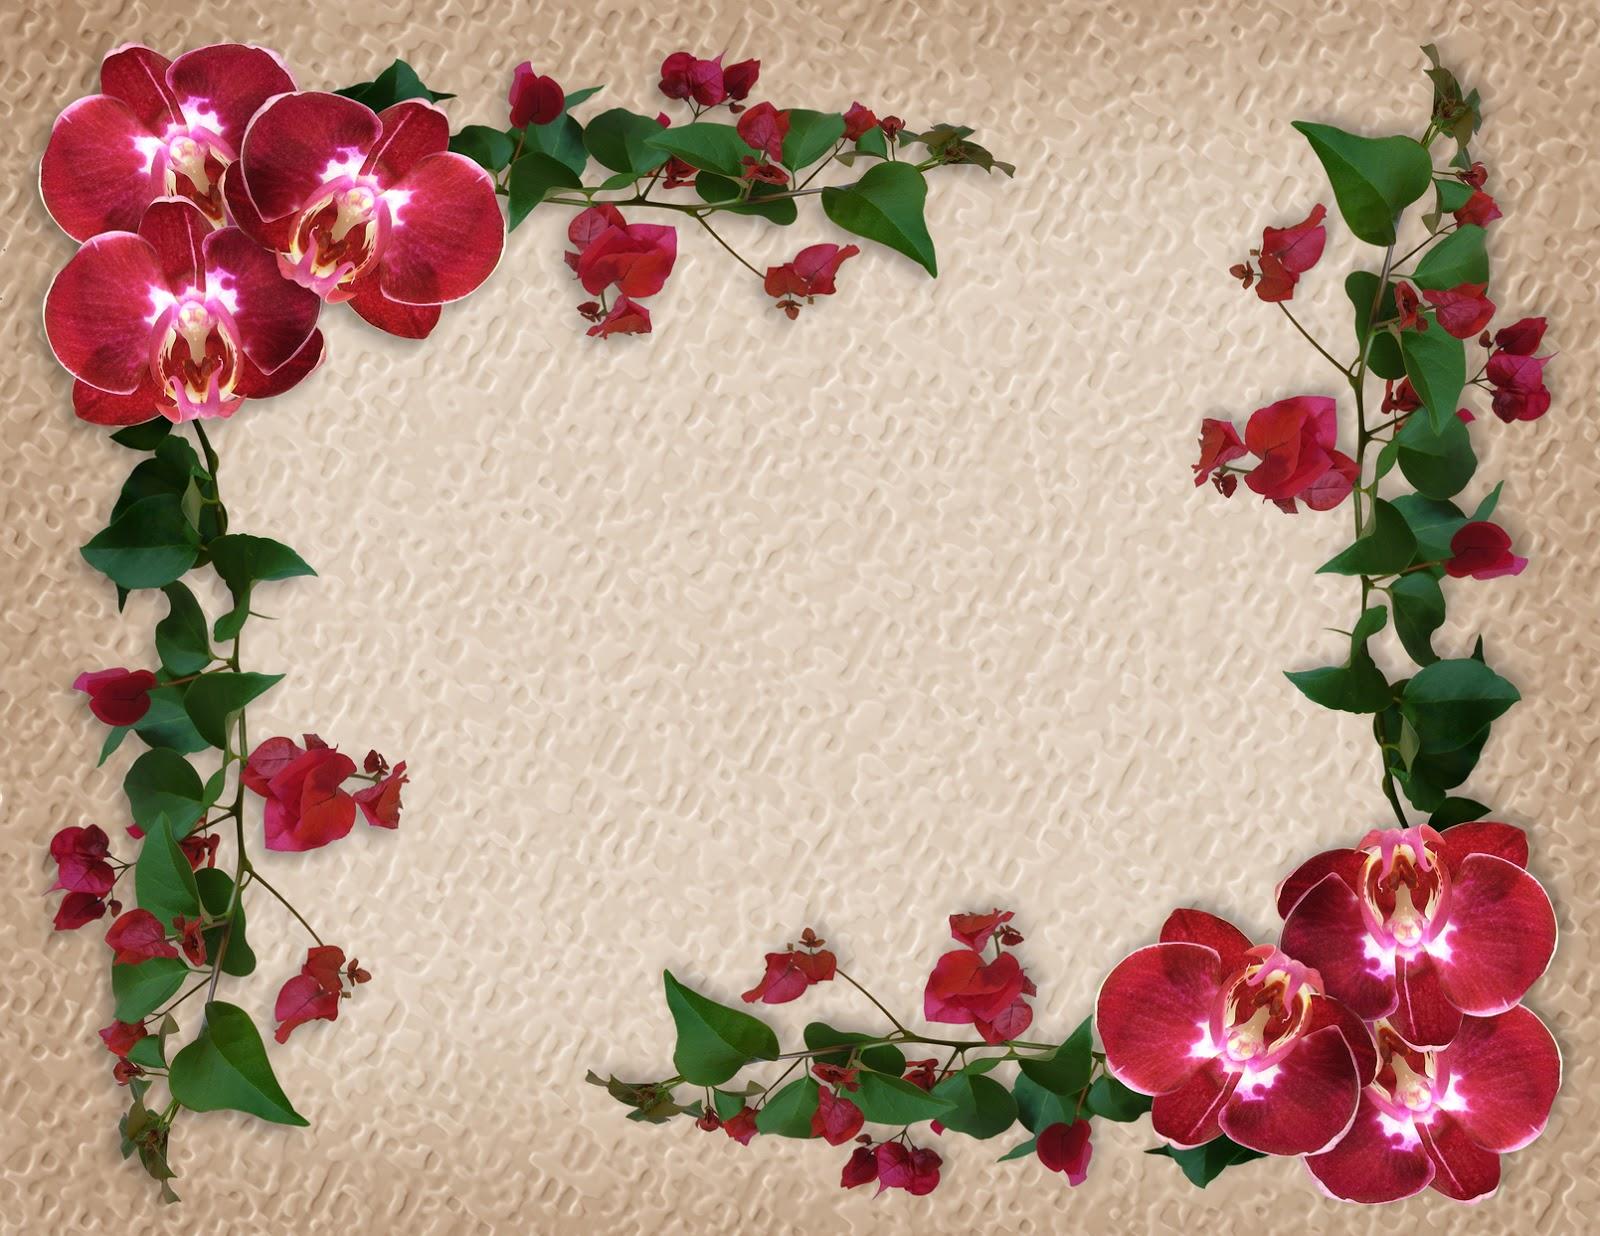 banco de imÁgenes marco con flores rojas para escribir mensajes